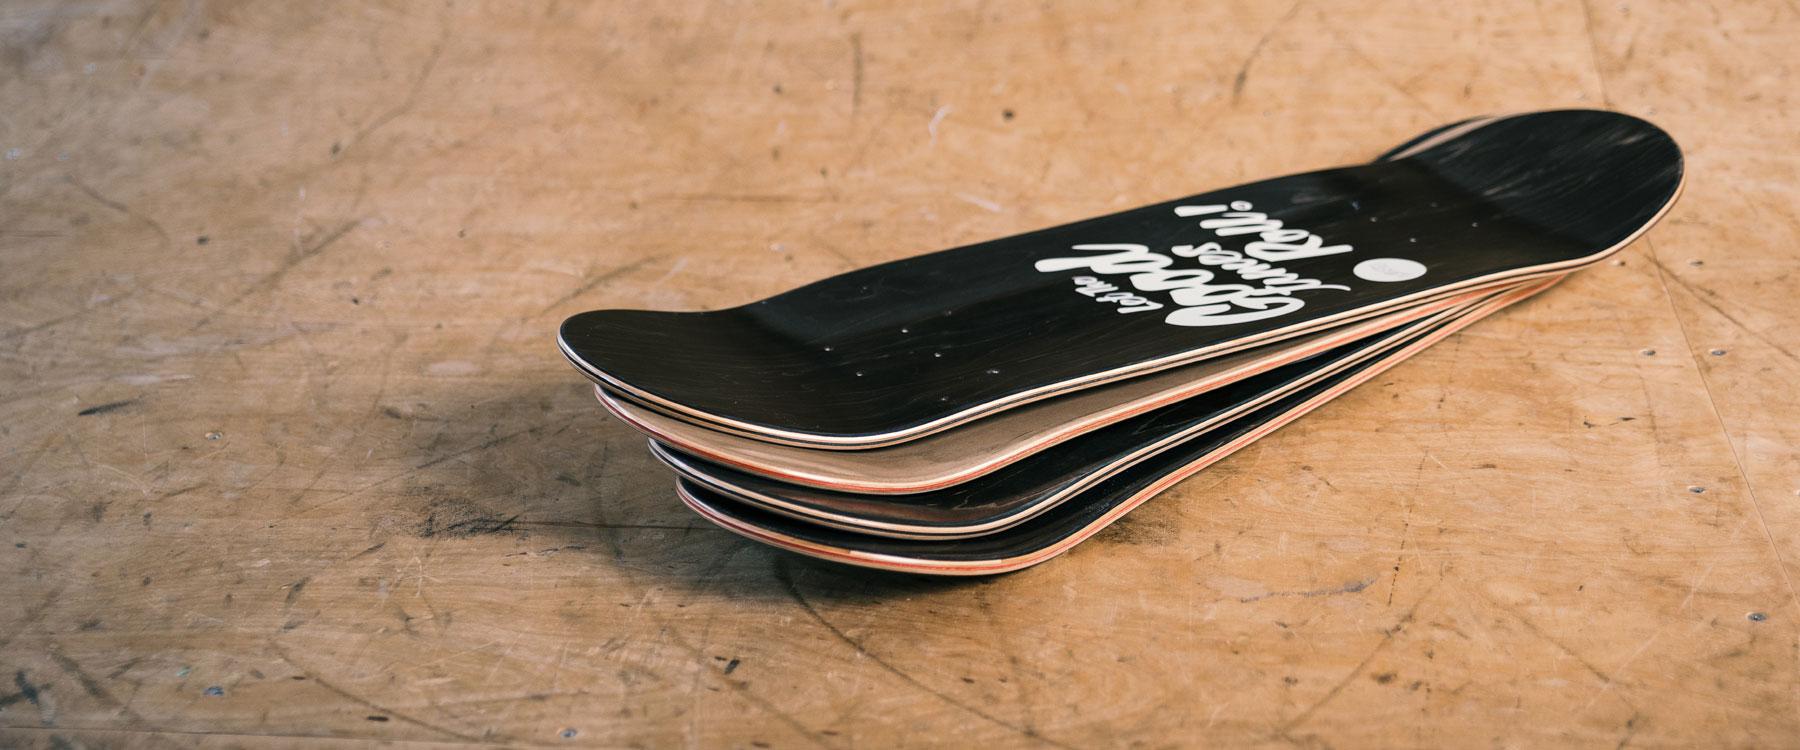 Skate_Skateboa